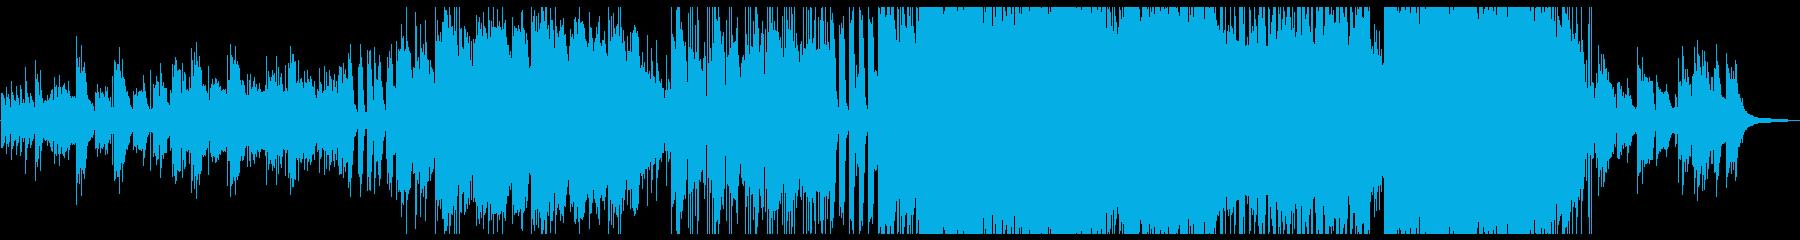 壮大で優しいクリスマスBGMの再生済みの波形